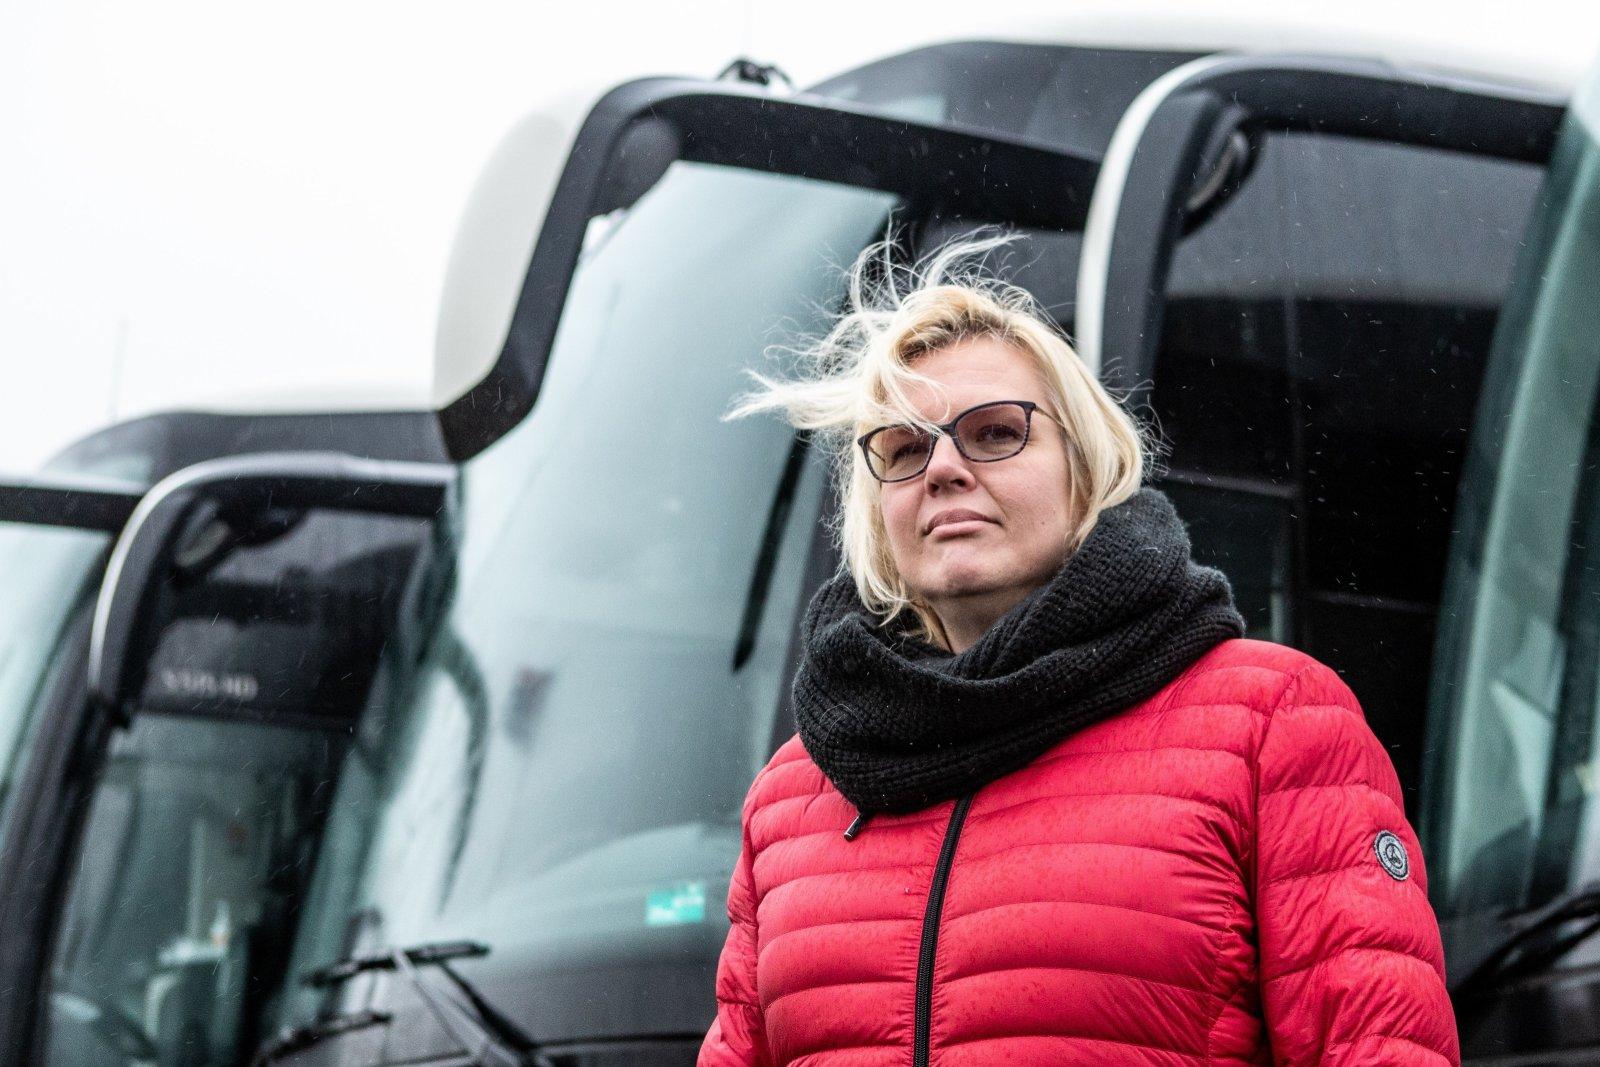 Unustatud ettevõtted tulevad miitingule kümnete bussidega. Nende sõnum:  ohus võib olla ka koolilaste tervis